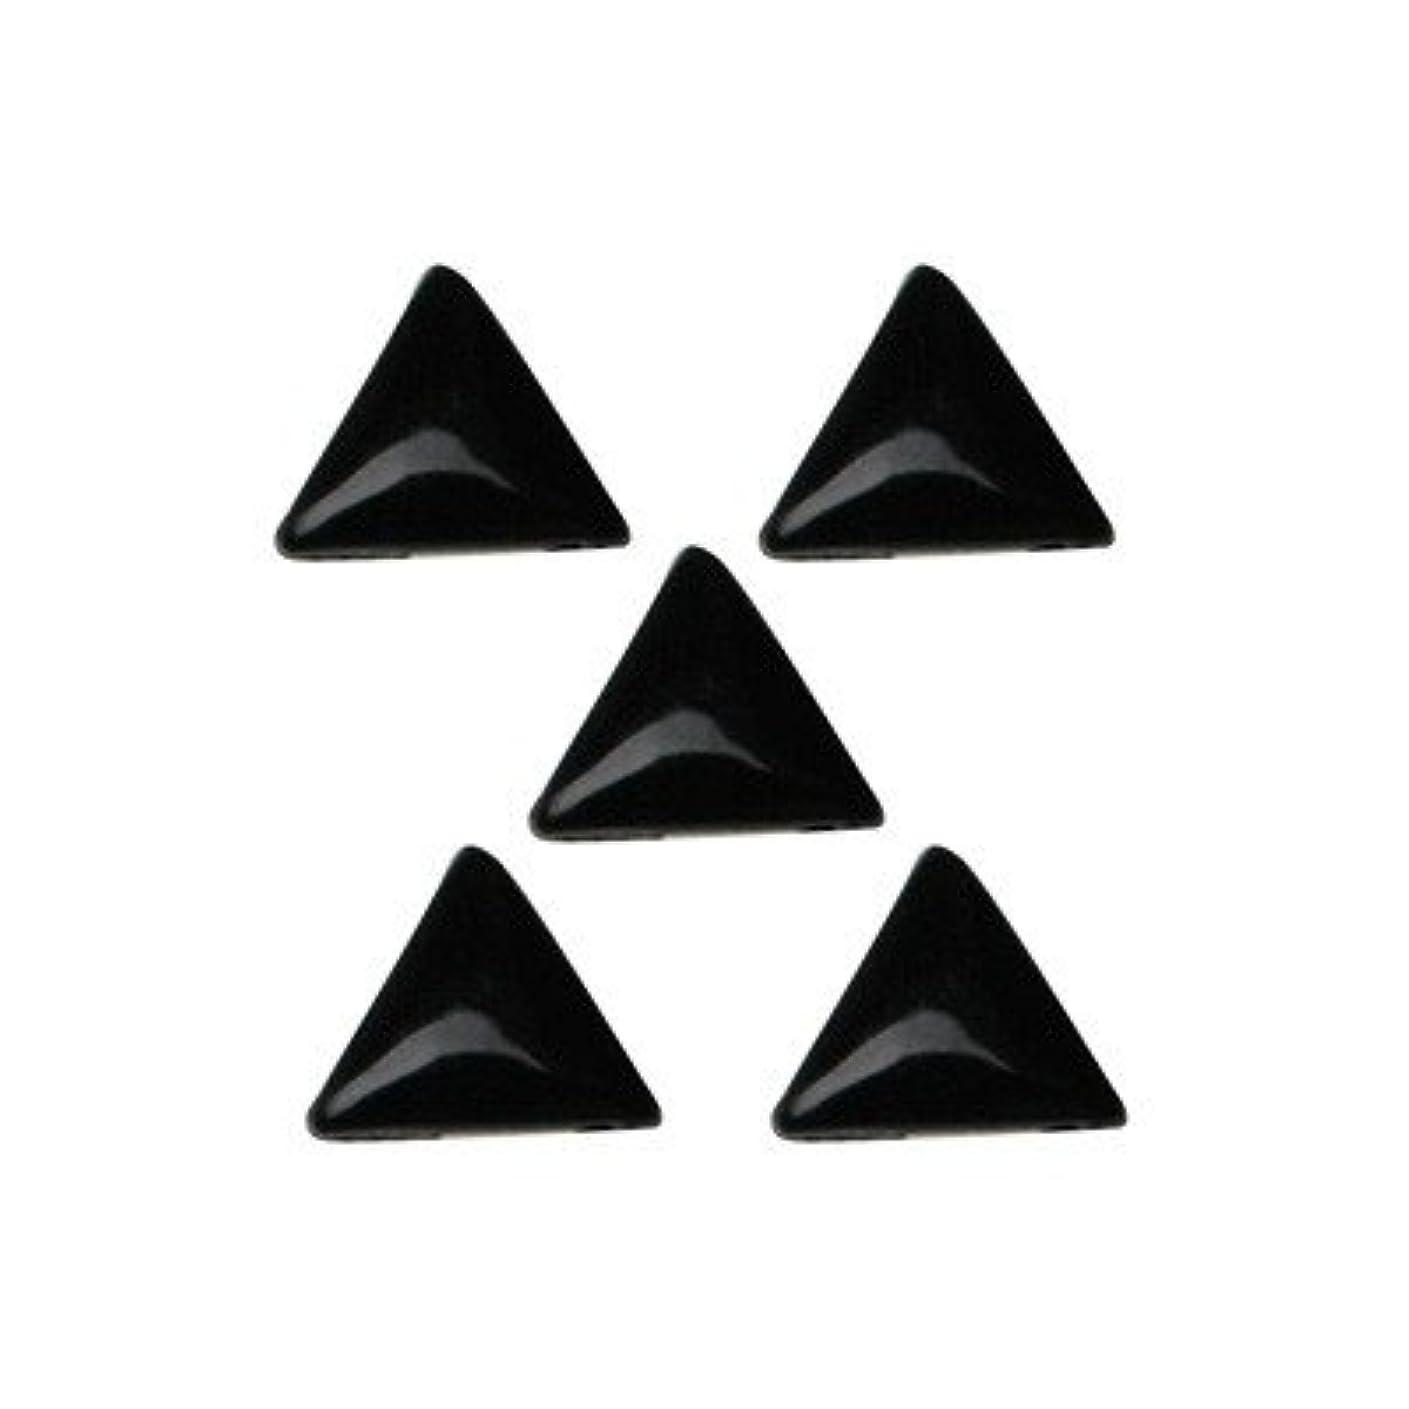 みすぼらしいどう?のホストB151 エムプティ プレミアムスタッズ made in Japan/トライアングル 3×3mm